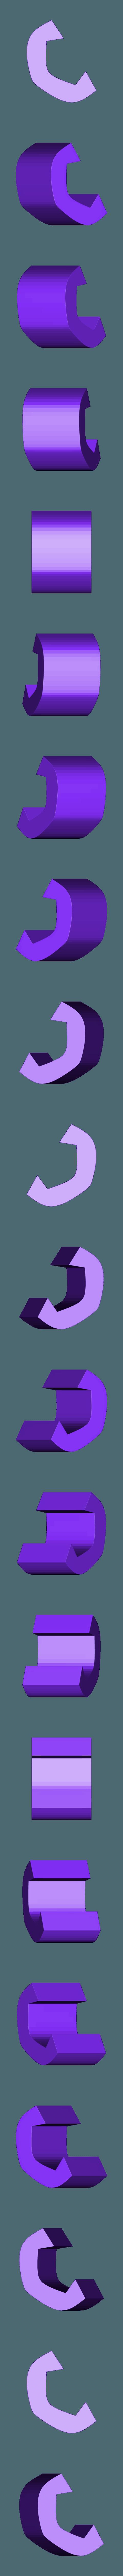 Clip Molds Short.stl Télécharger fichier STL gratuit Jardinières Mold béton • Modèle pour imprimante 3D, dukedoks